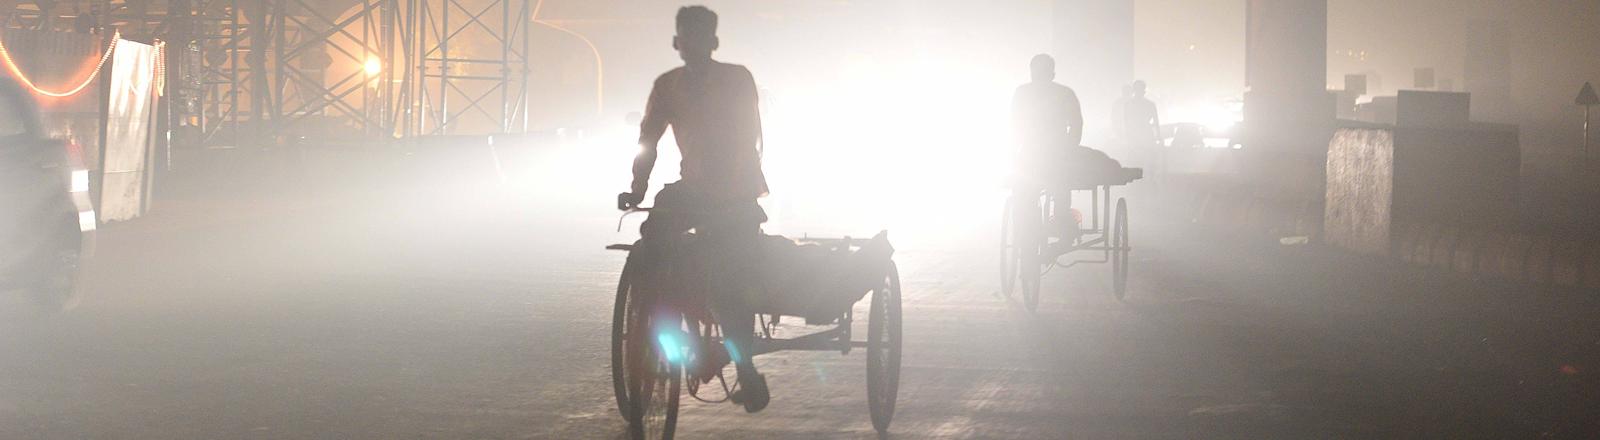 Ein Rikscha-Fahrer umhüllt von Smog in der indischen Hauptstadt Neu Delhi